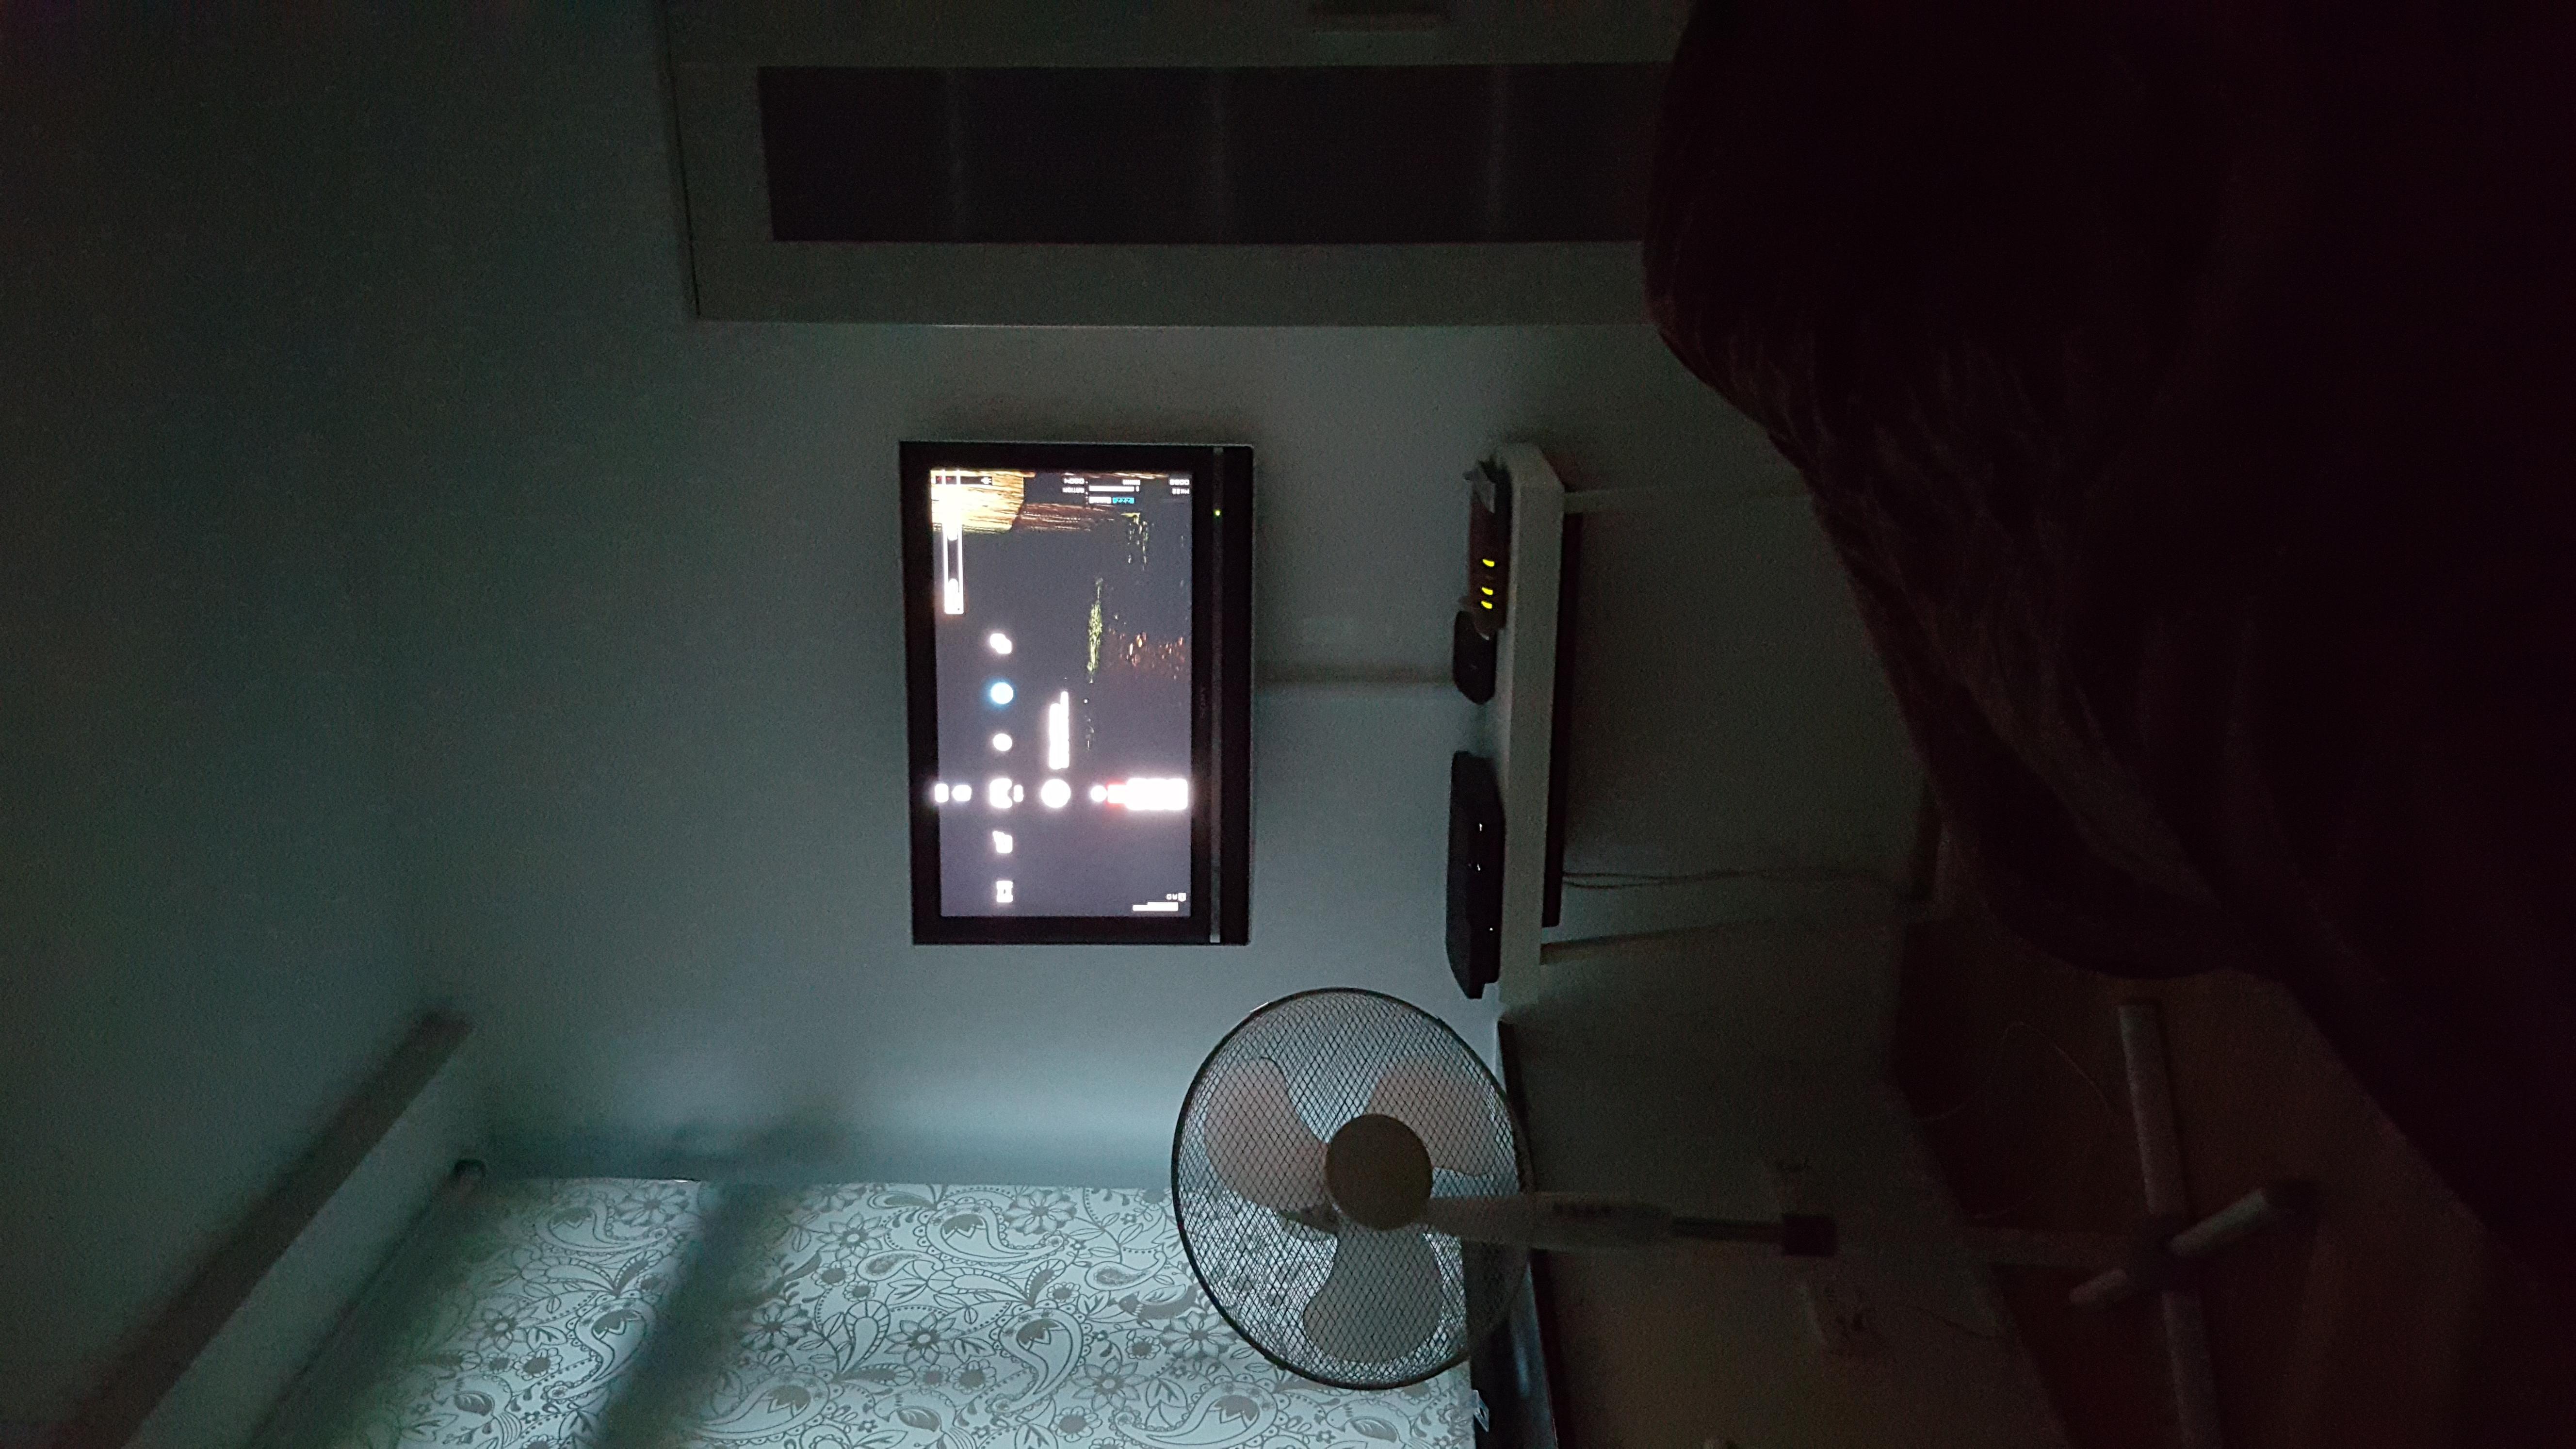 optimale höhe für 50zoll plasma fernseher im schlafzimmer